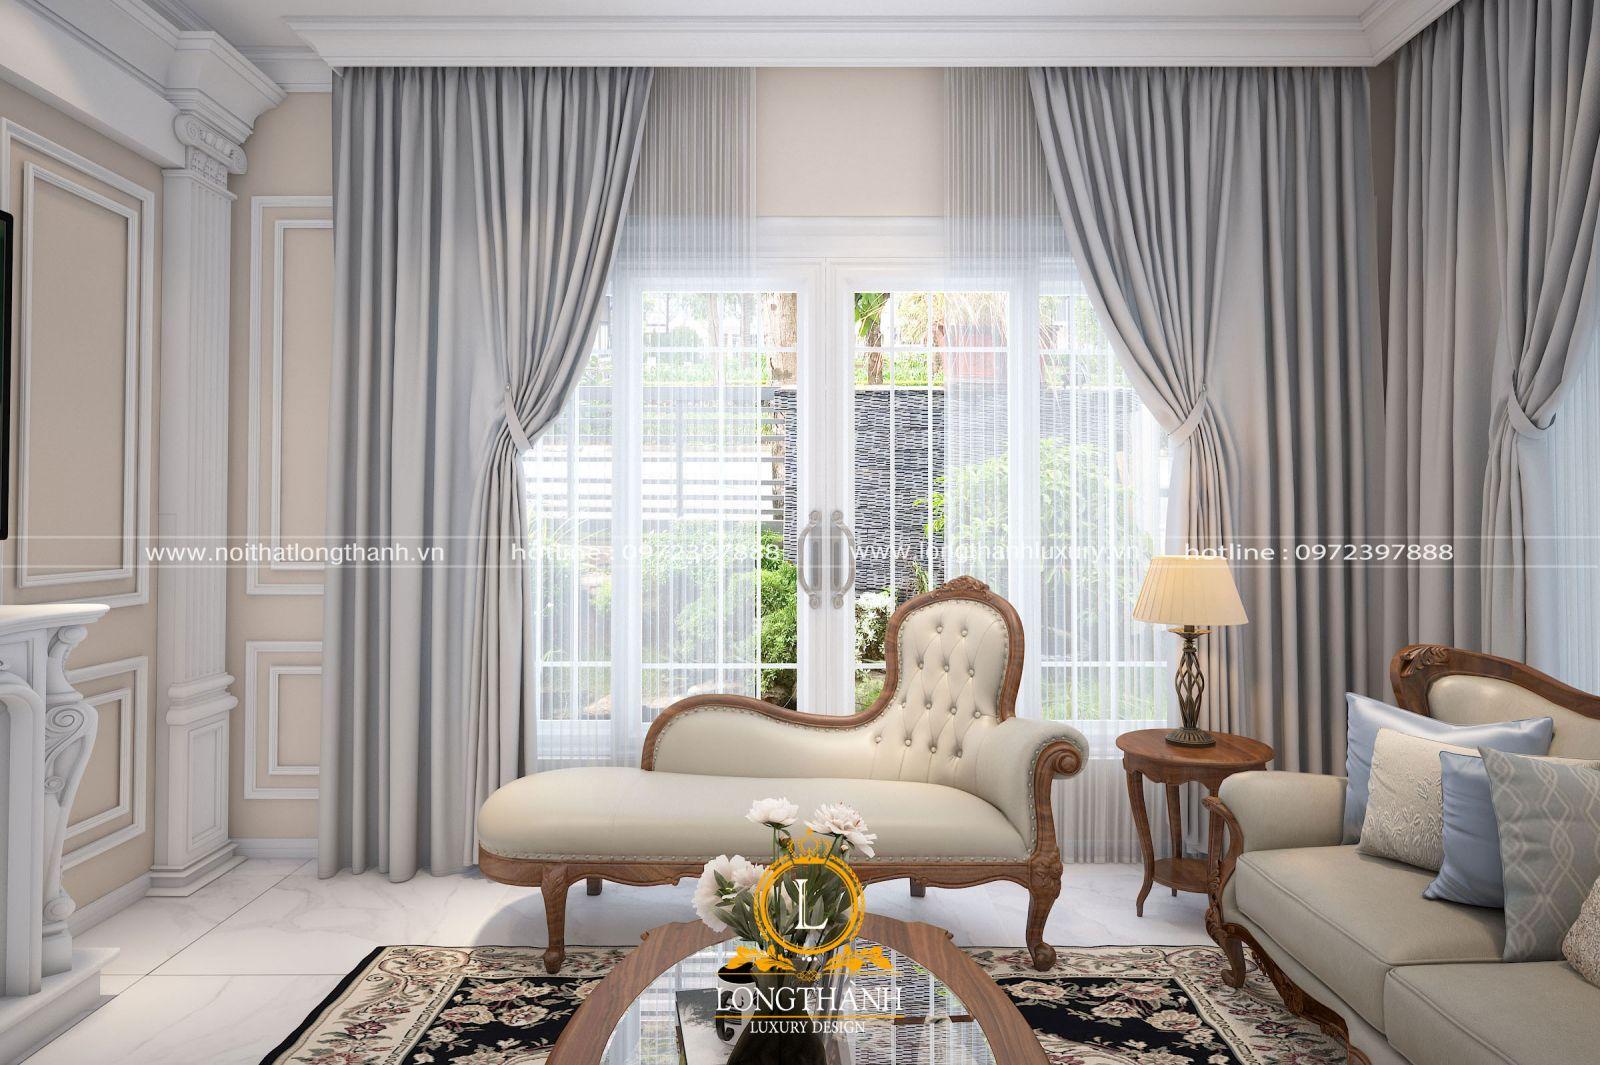 Sofa băng gỗ tự nhiên cho phòng khách nhà phố đẹp